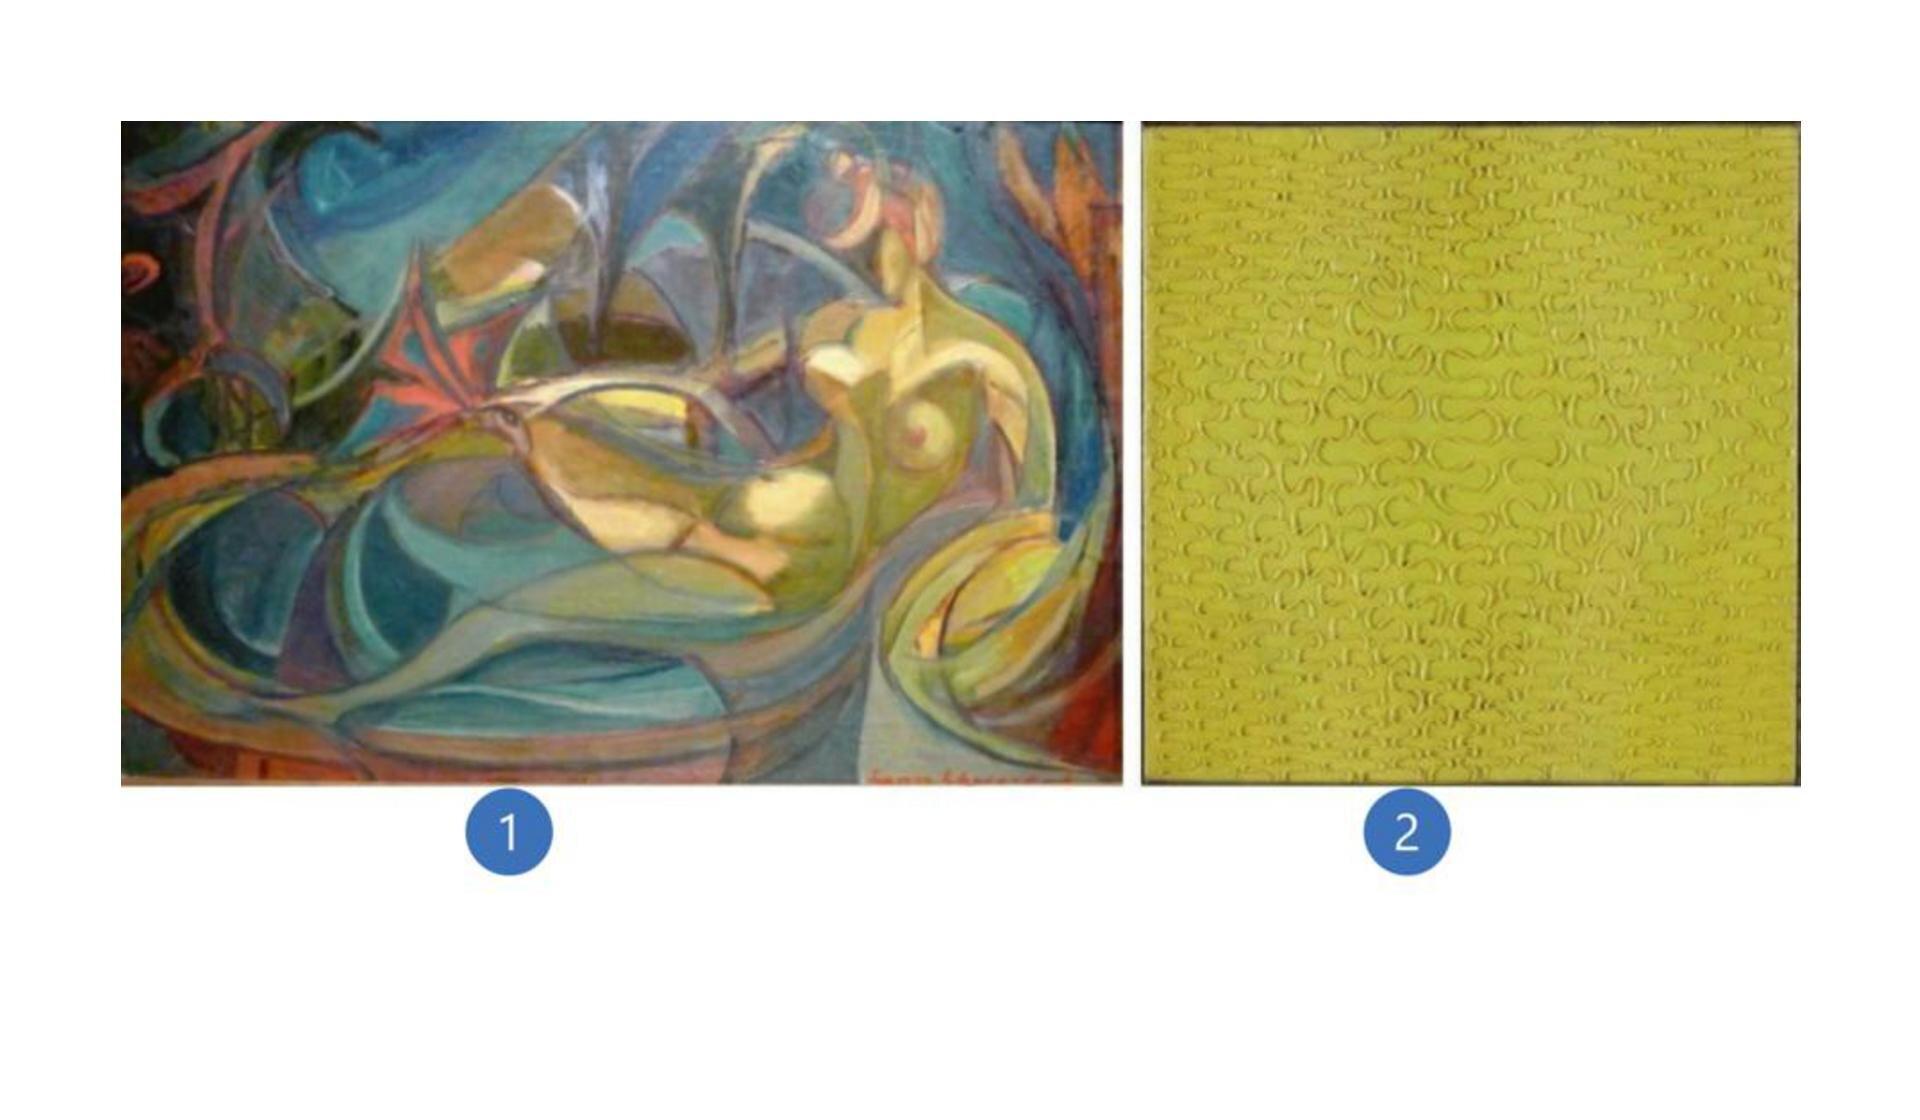 """Wzadaniu zostały wykorzystane dwa dzieła. Pierwsze to praca Leona Chwistka pt. """"Akt kobiecy"""". Na ilustracji widoczna jest kobieta kąpiąca się wwannie. Kobieta jest naga idoskonale widoczne są jej piersi oraz brzuch. Na obrazie dominują barwy: czerwień, niebieski iżółty. Drugie jest przedstawiona żółta faktura ze szlaczkami."""